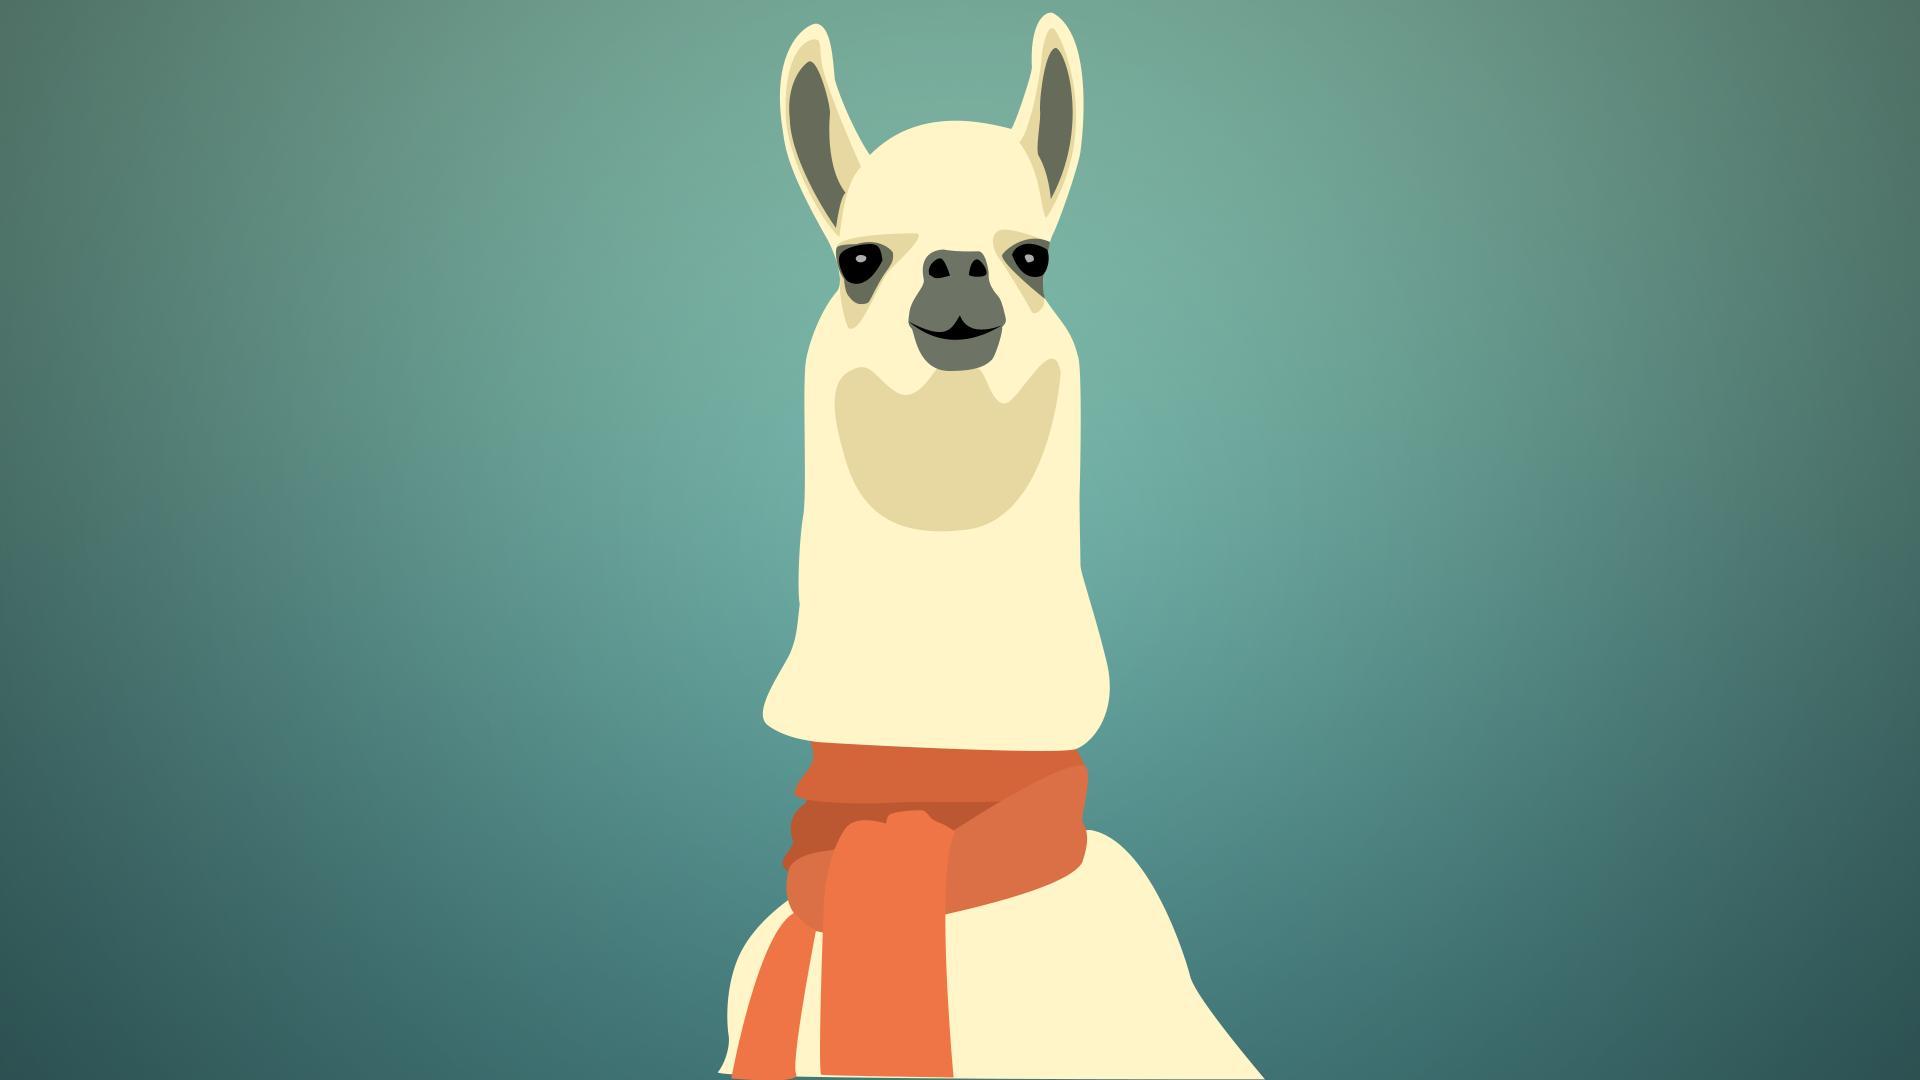 55 Llama Meme Wallpapers   Download at WallpaperBro 1920x1080